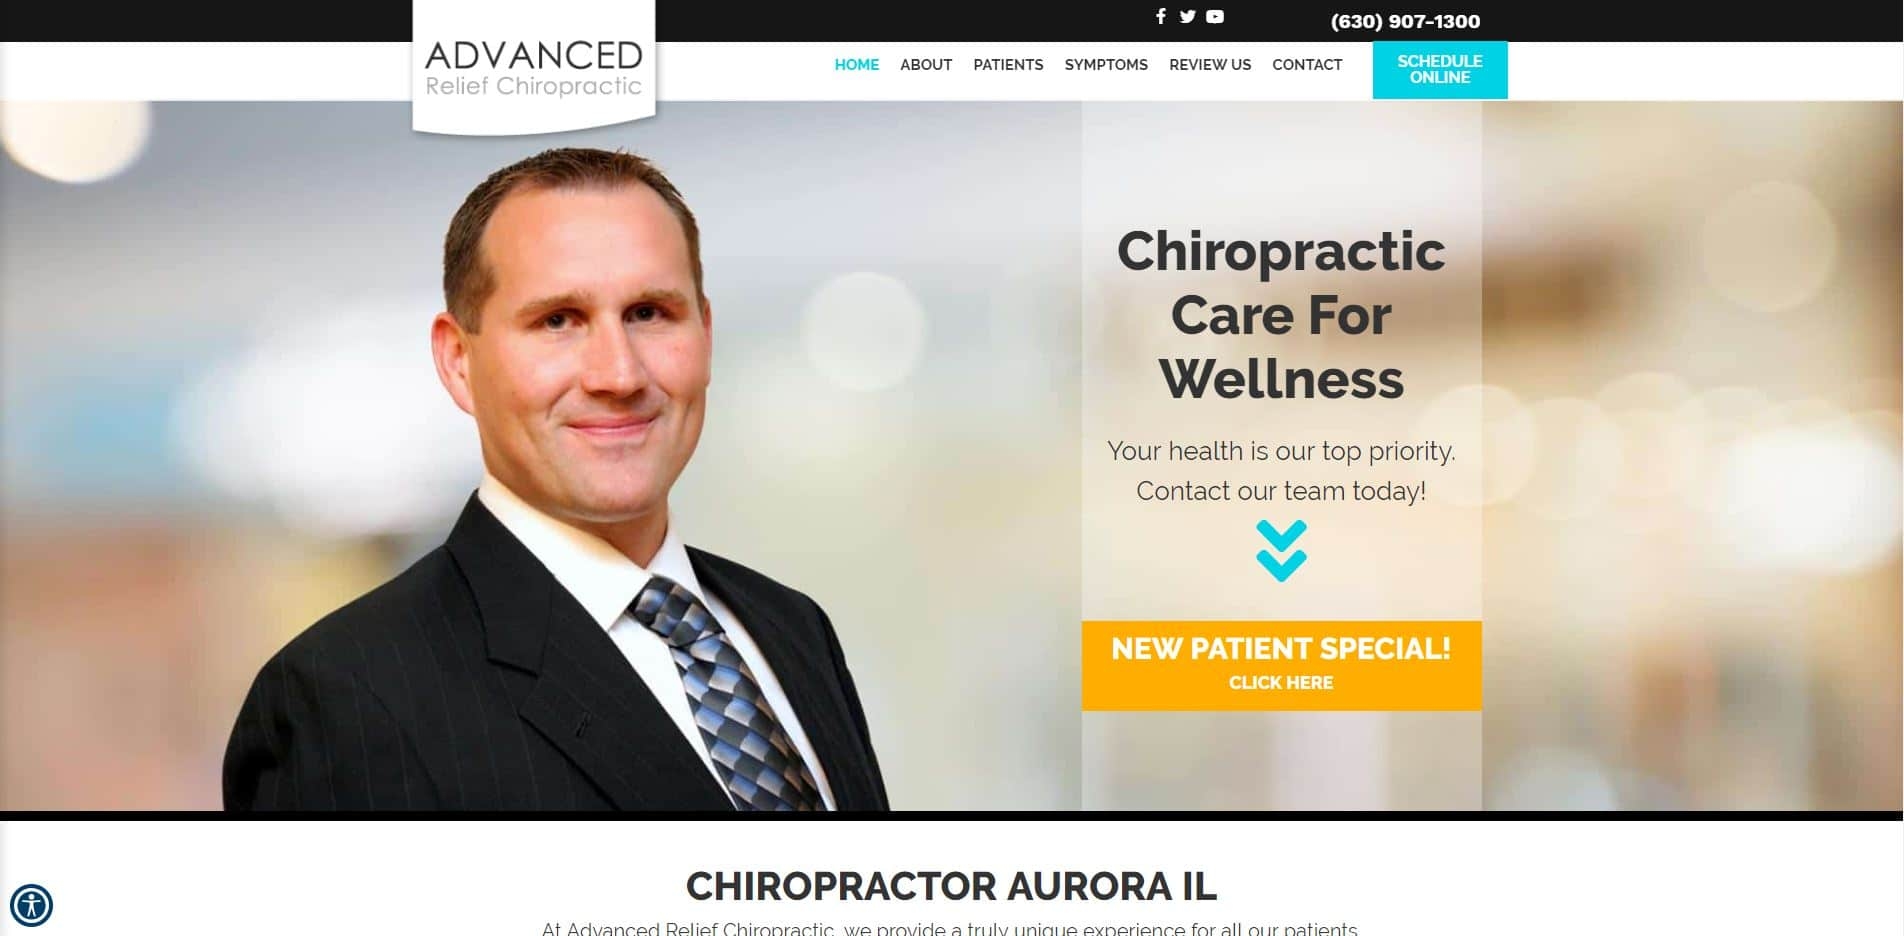 Chiropractor in Aurora